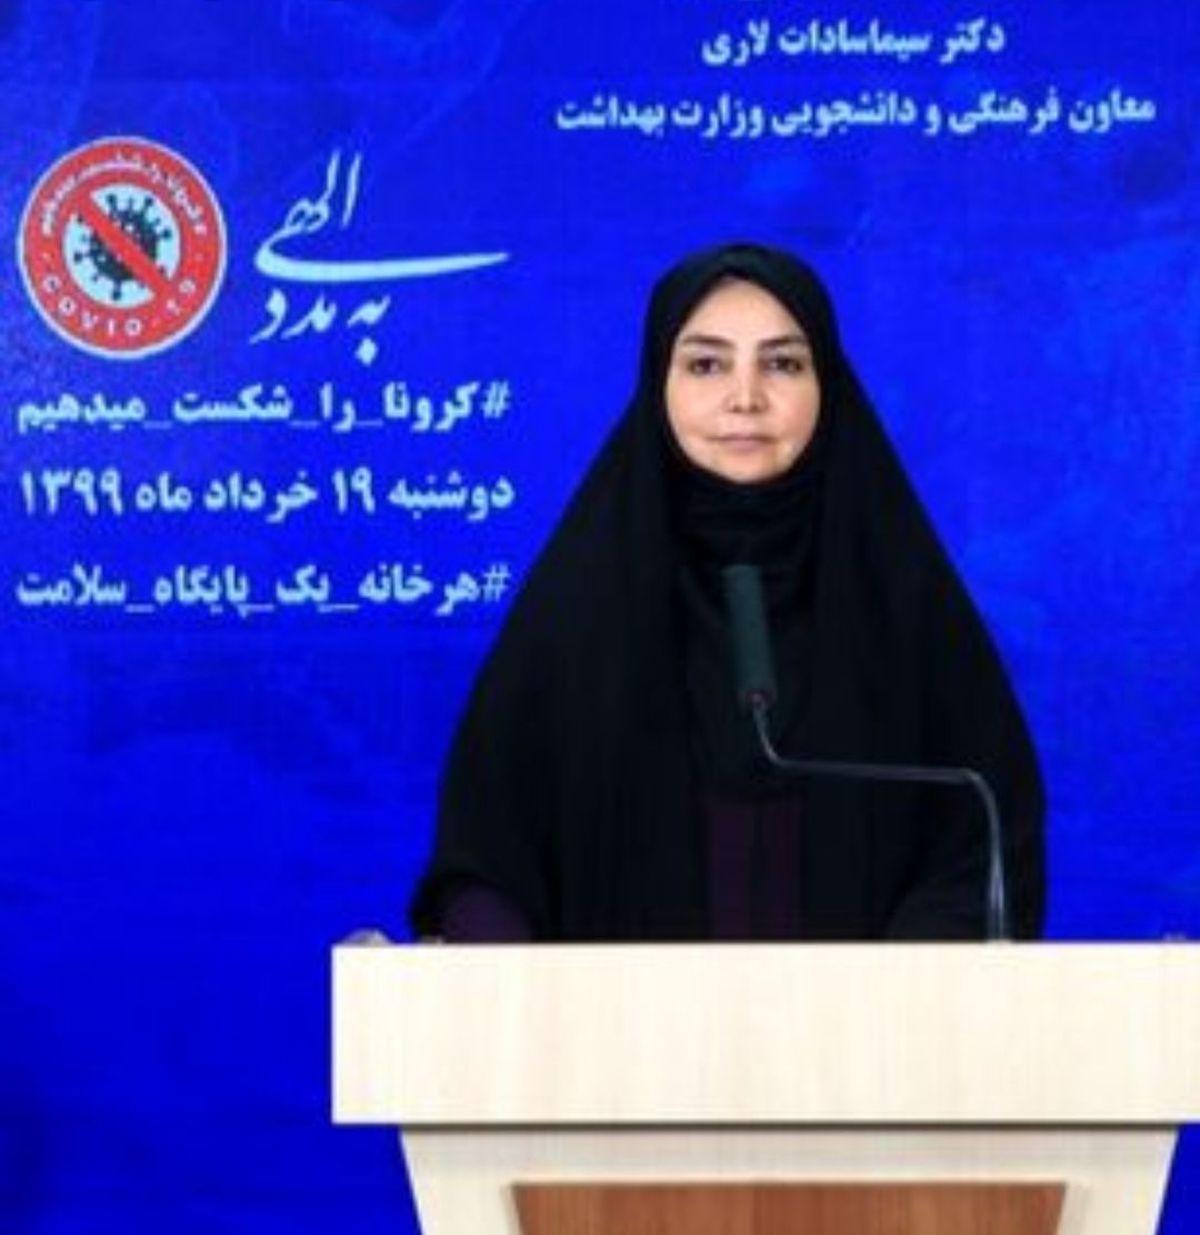 مجموع قربانیان کرونا در ایران از ۶۱ هزار نفر  گذشت